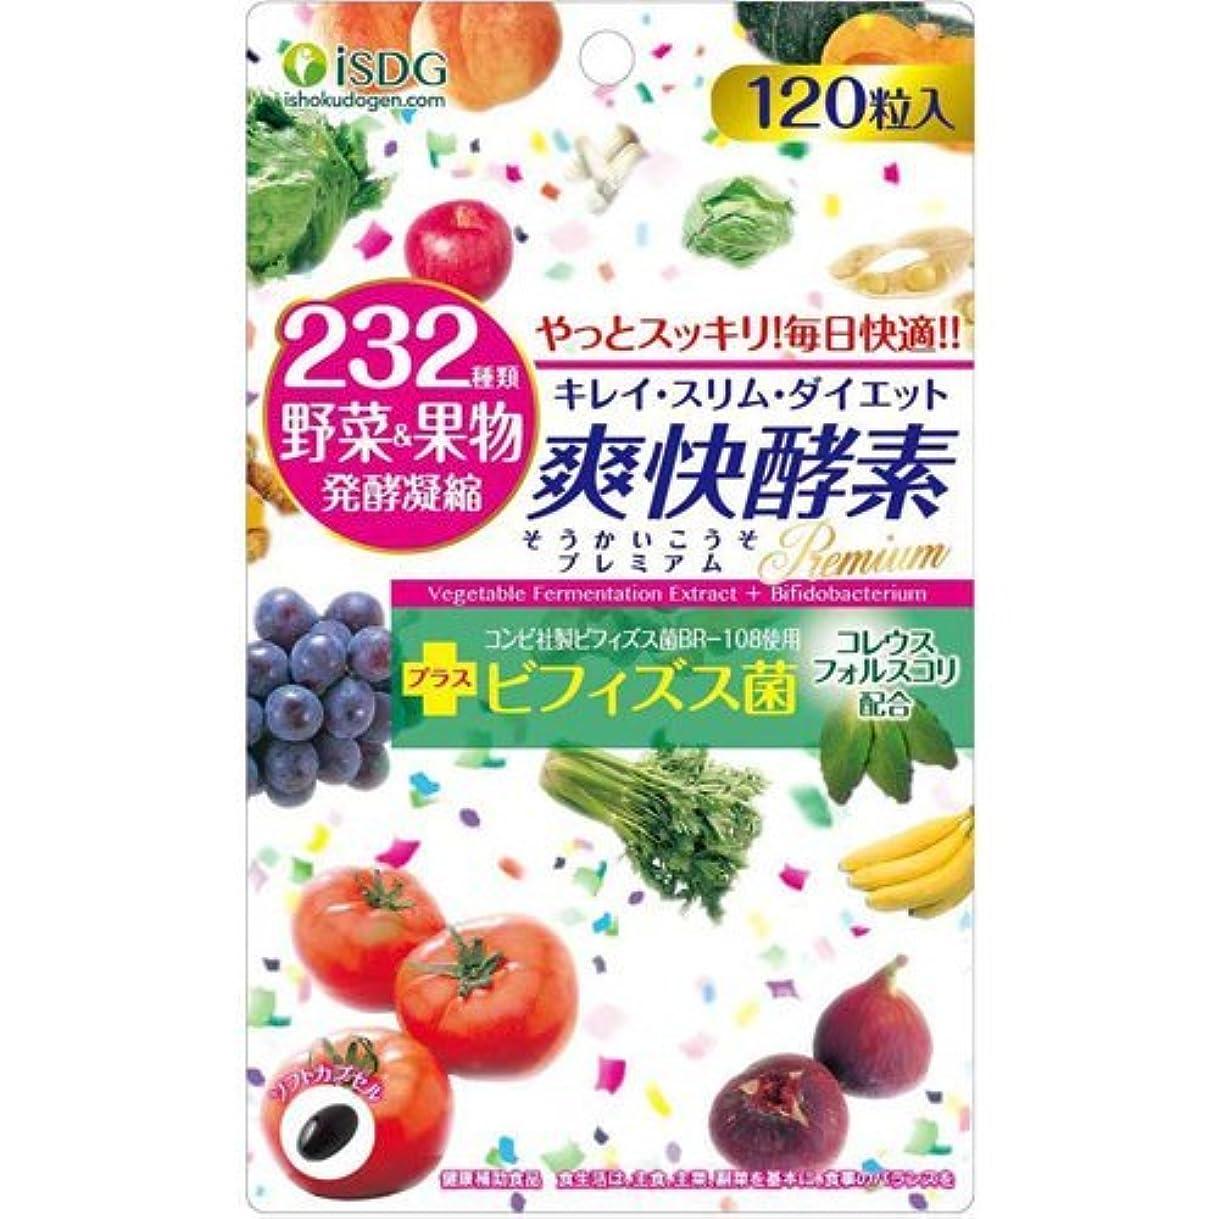 野菜フルーツカード【50個セットで更にお得】医食同源ドットコム 232爽快酵素 プレミアム 120粒 ×50個